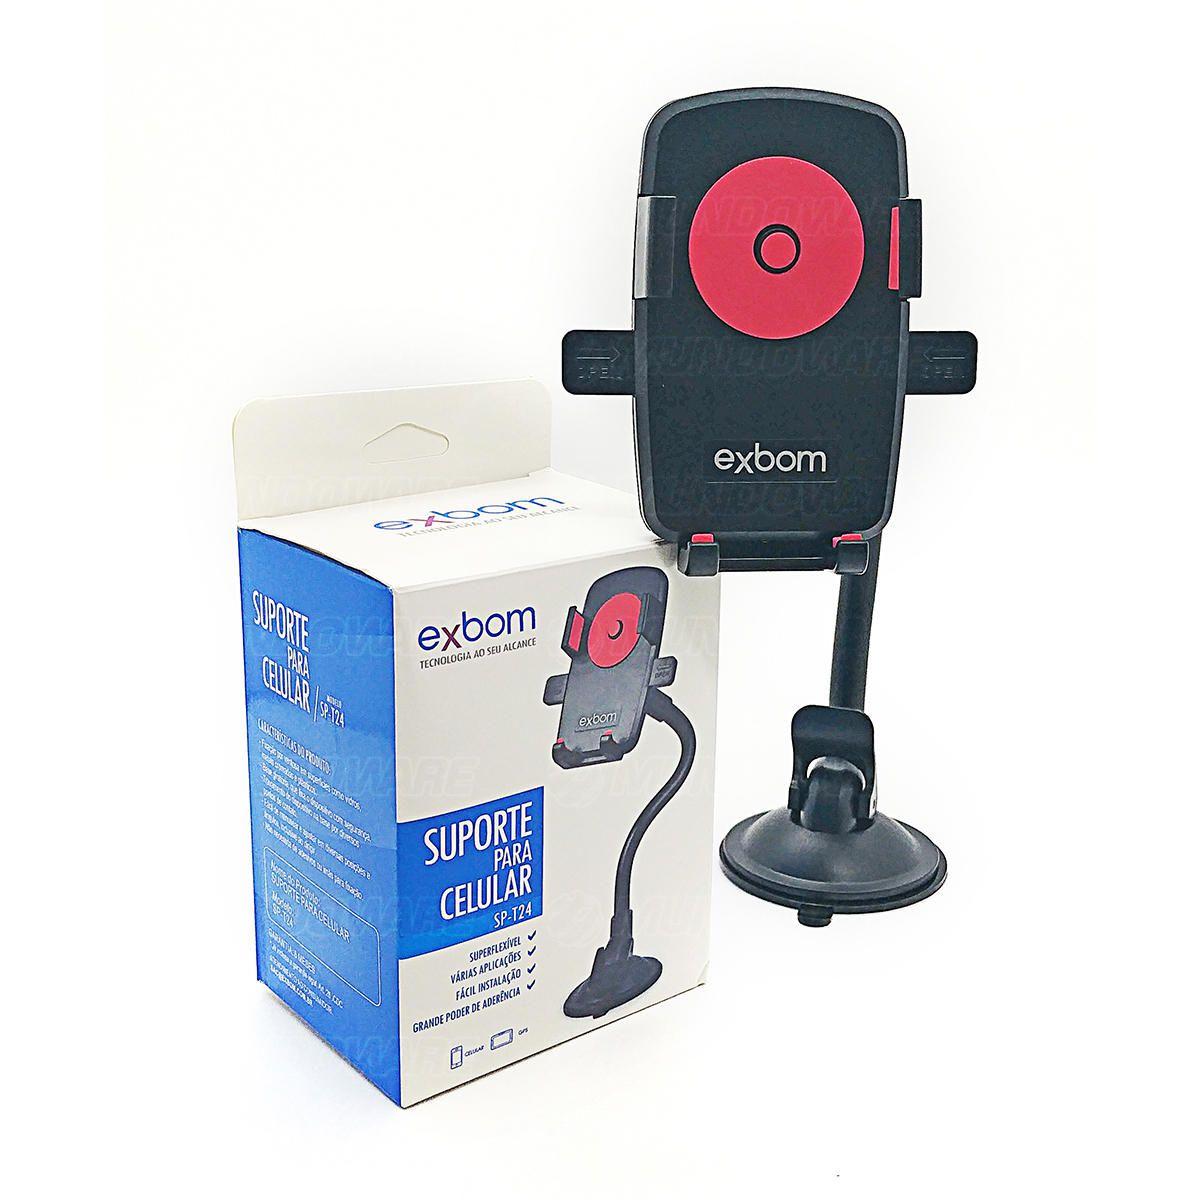 Suporte Veicular Universal para Celular com Trava Automática e Haste Flexível de Metal Exbom SP-T24